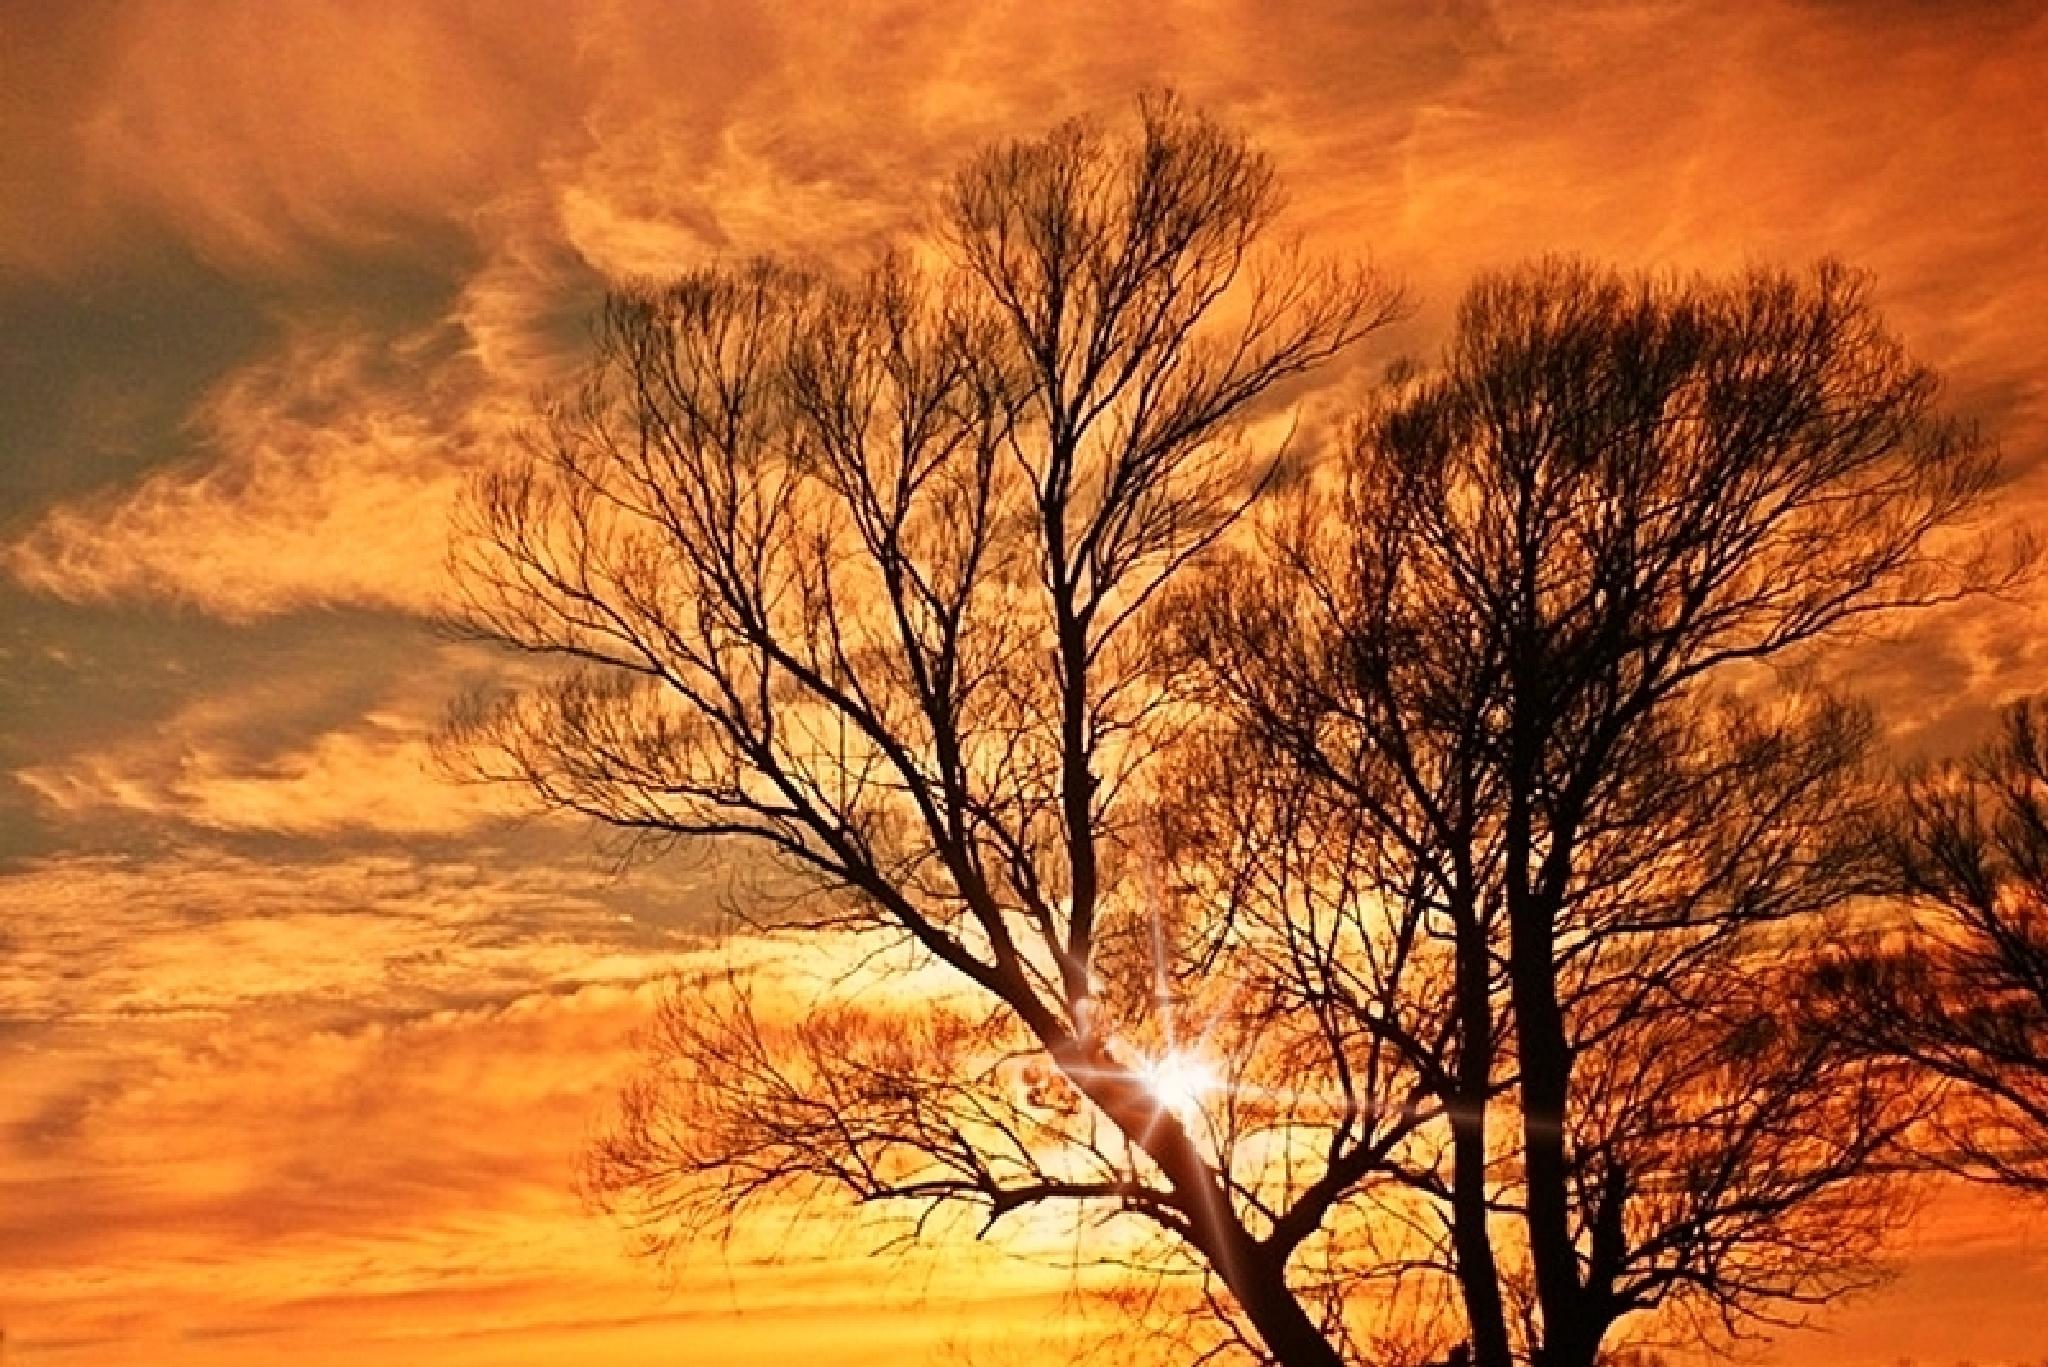 Winter sunset by Gabriella